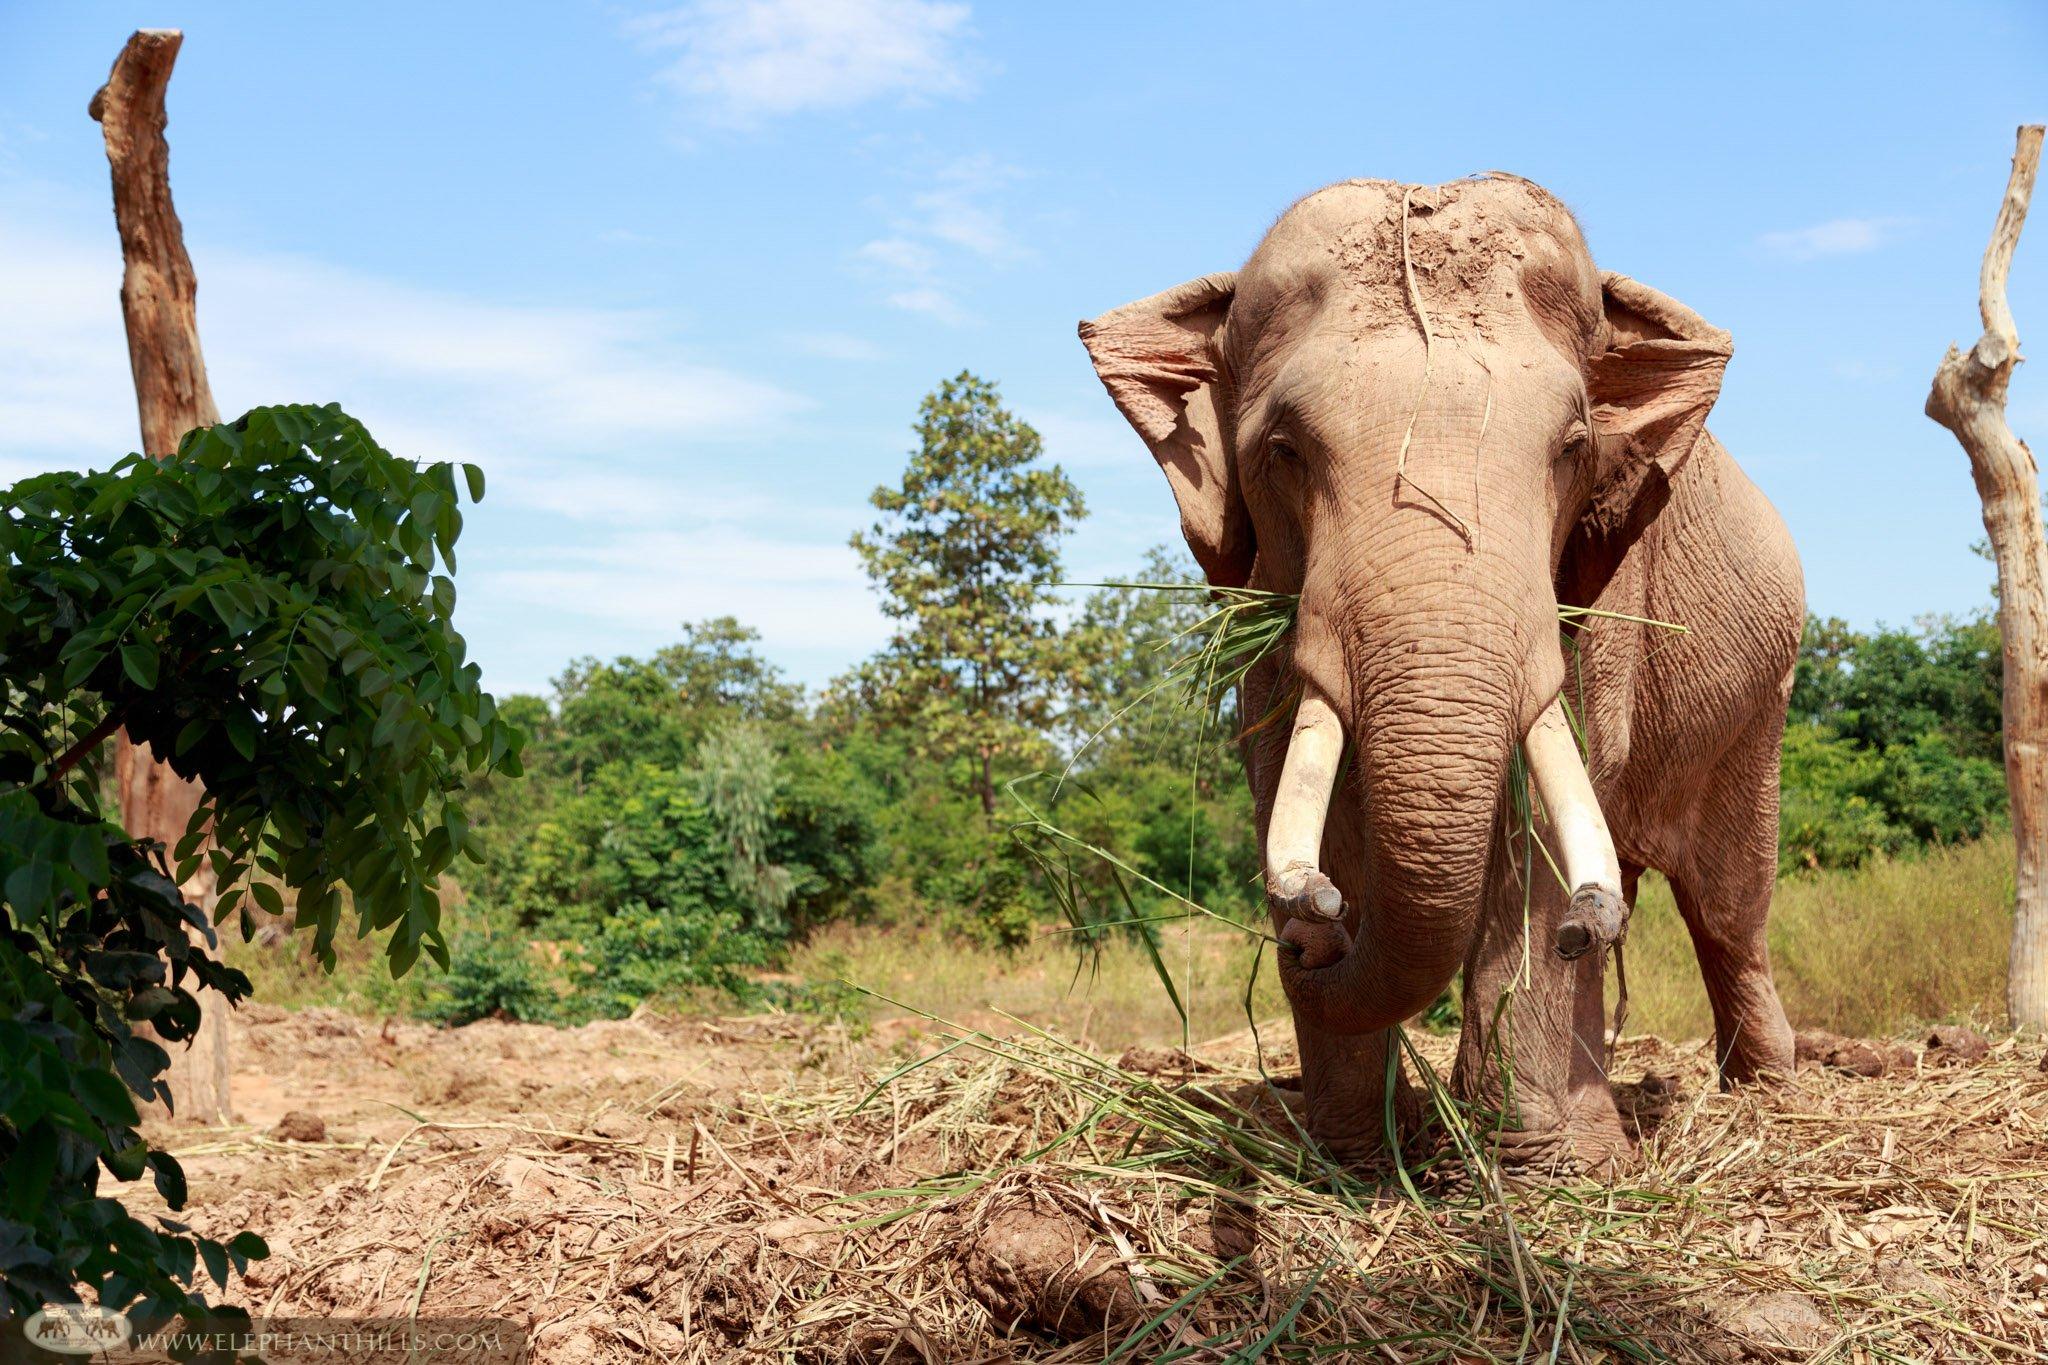 Male Asian elephant enjoys having glasses